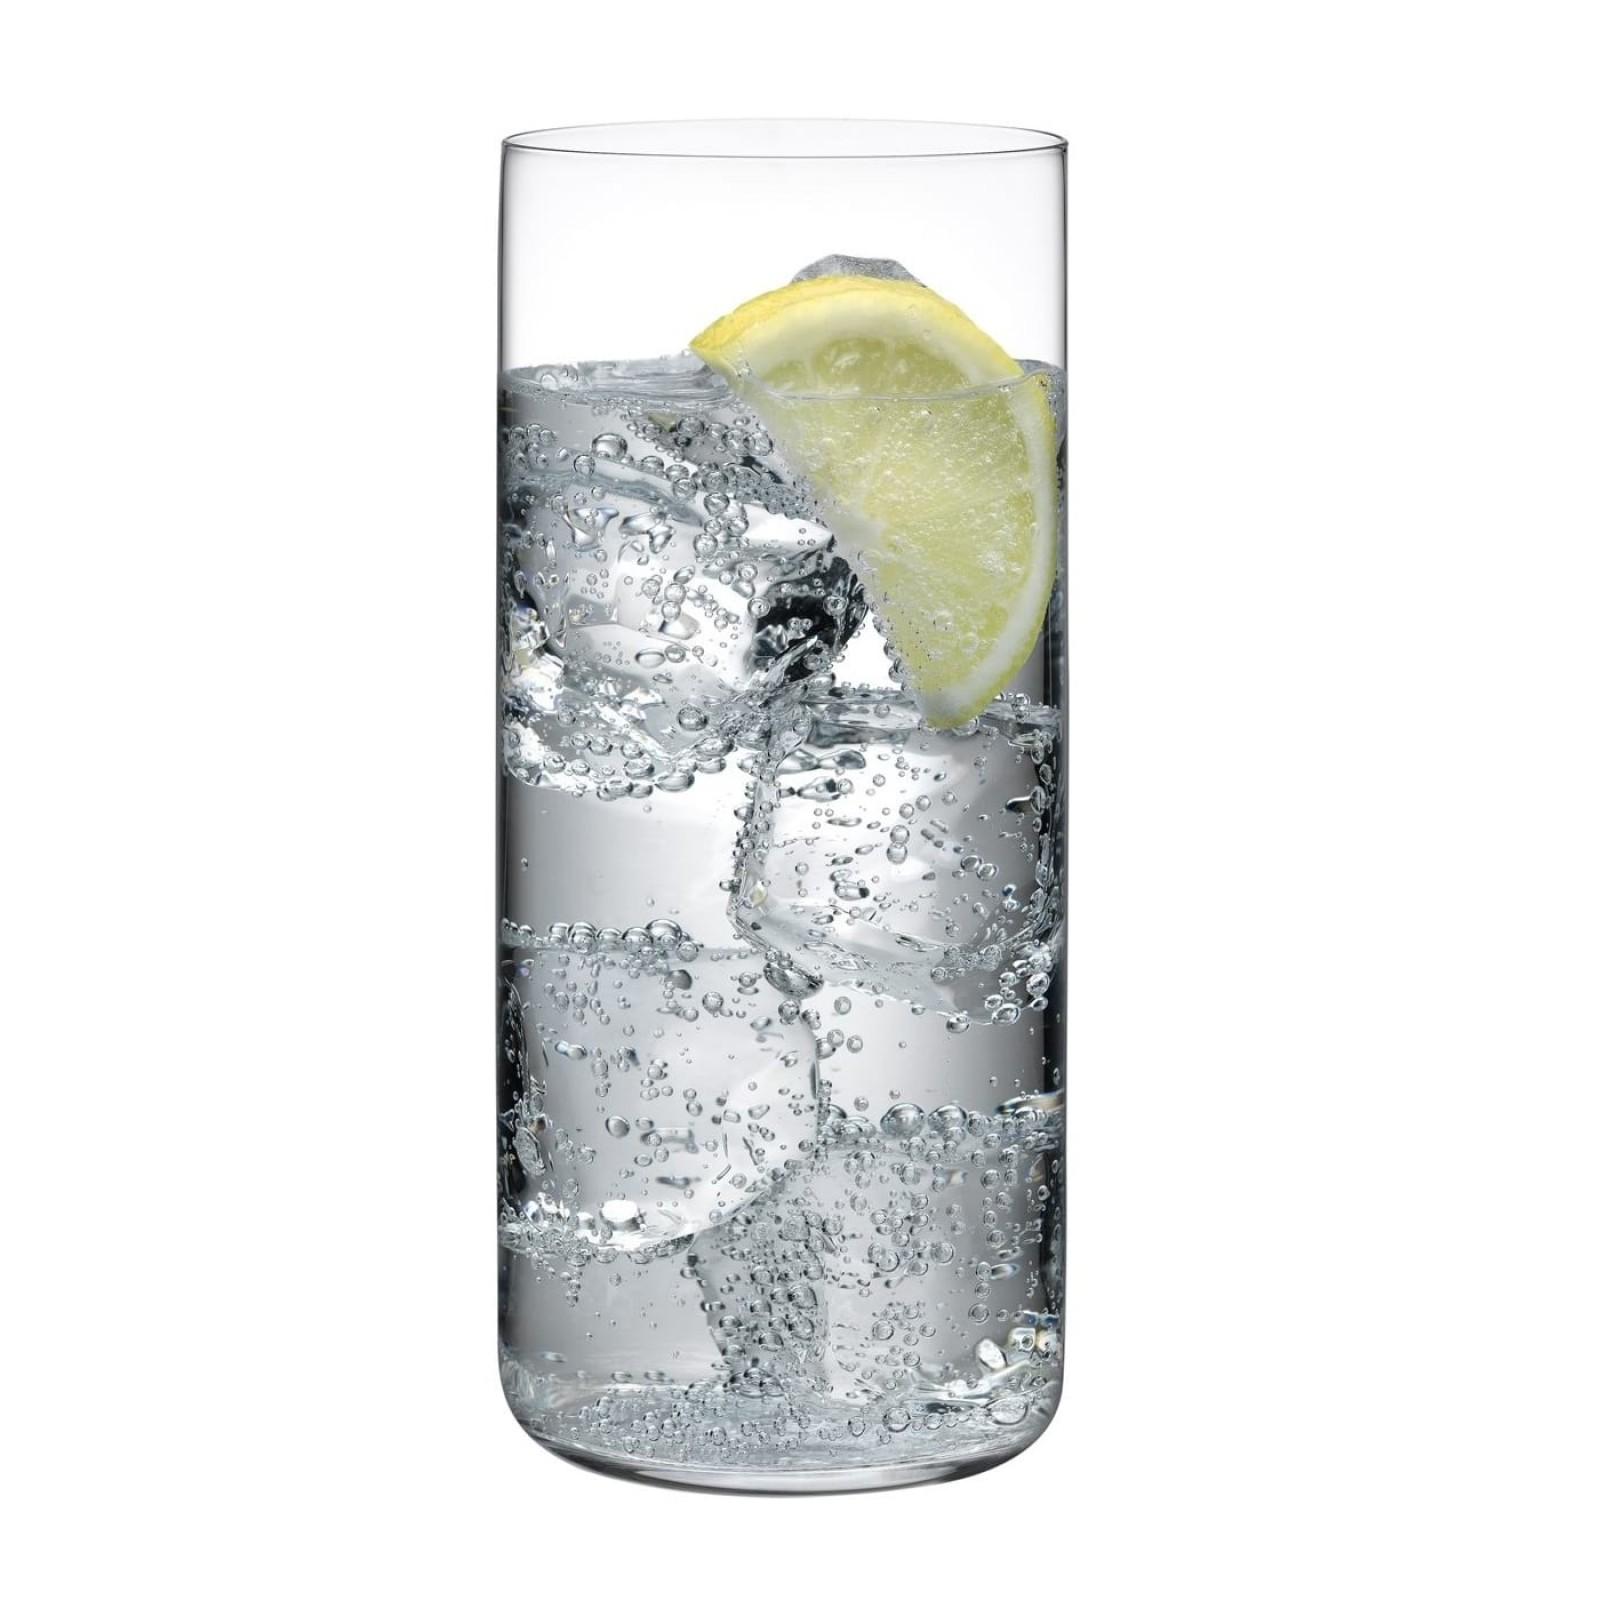 Ψηλά Ποτήρια Finesse High Ball 445 ml. (Σετ των 6) - Nude Glass